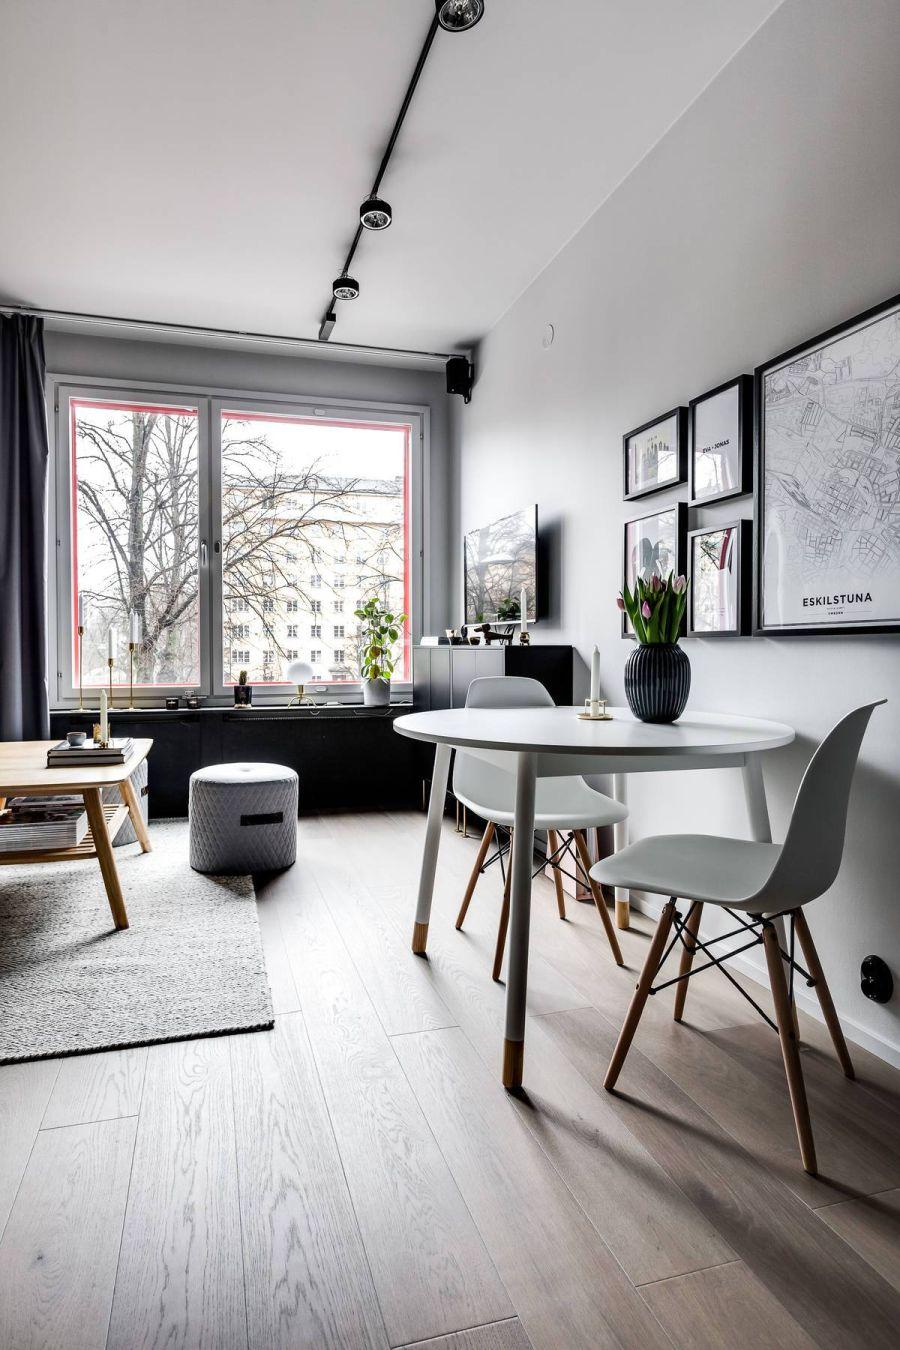 W męskim charakterze - wystrój wnętrz, wnętrza, urządzanie mieszkania, dom, home decor, dekoracje, aranżacje, szary, szarości, grey, małe mieszkanie, styl nowoczesny, styl skandynawski, modern style, scandinavian style